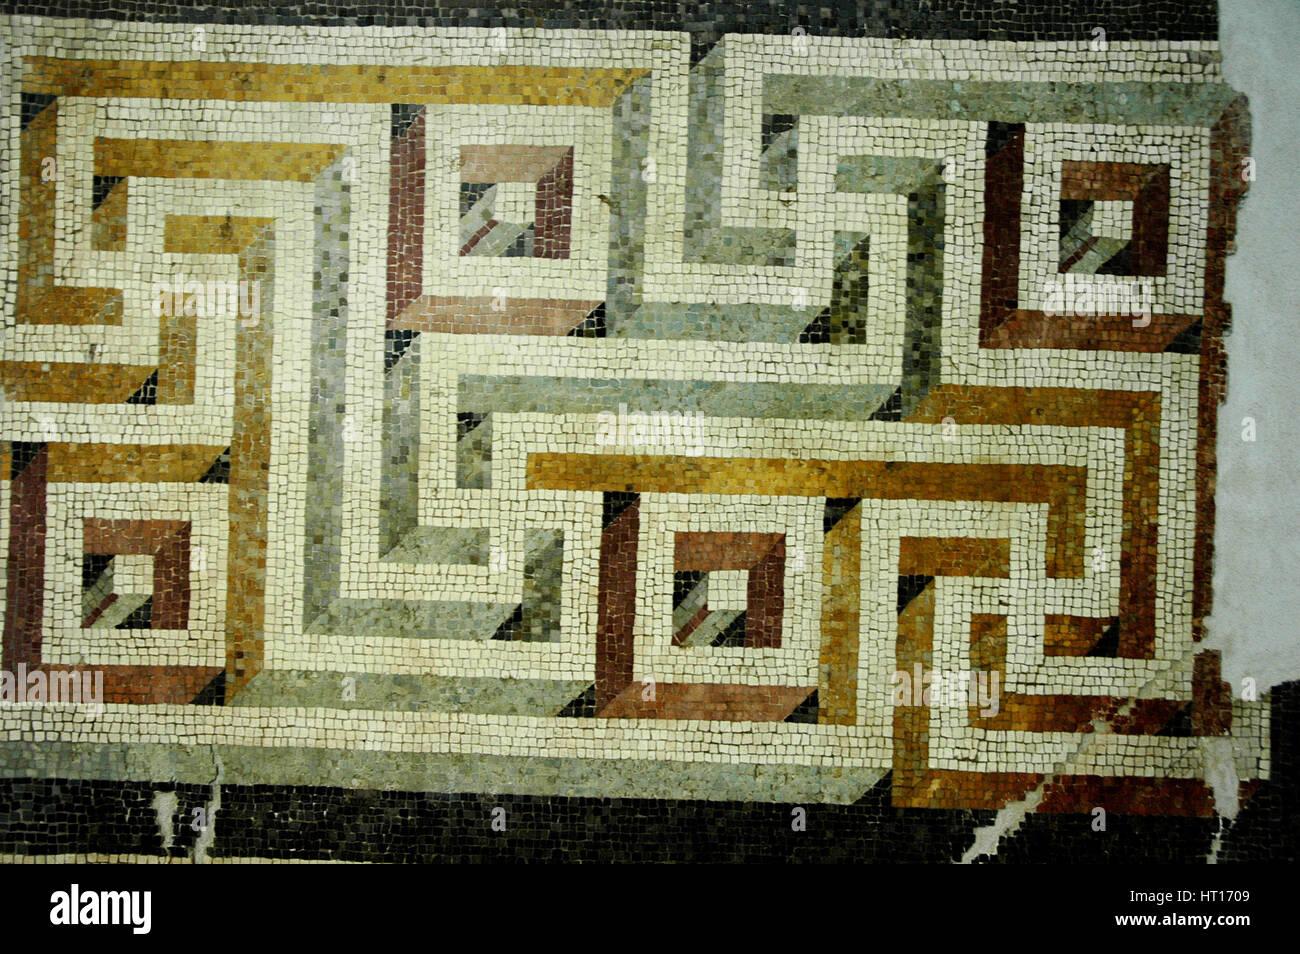 Piso de mosaicos geométricos. Cultura: La Romana. Lugar de origen: Roma. Línea de crédito: Werner Imagen De Stock